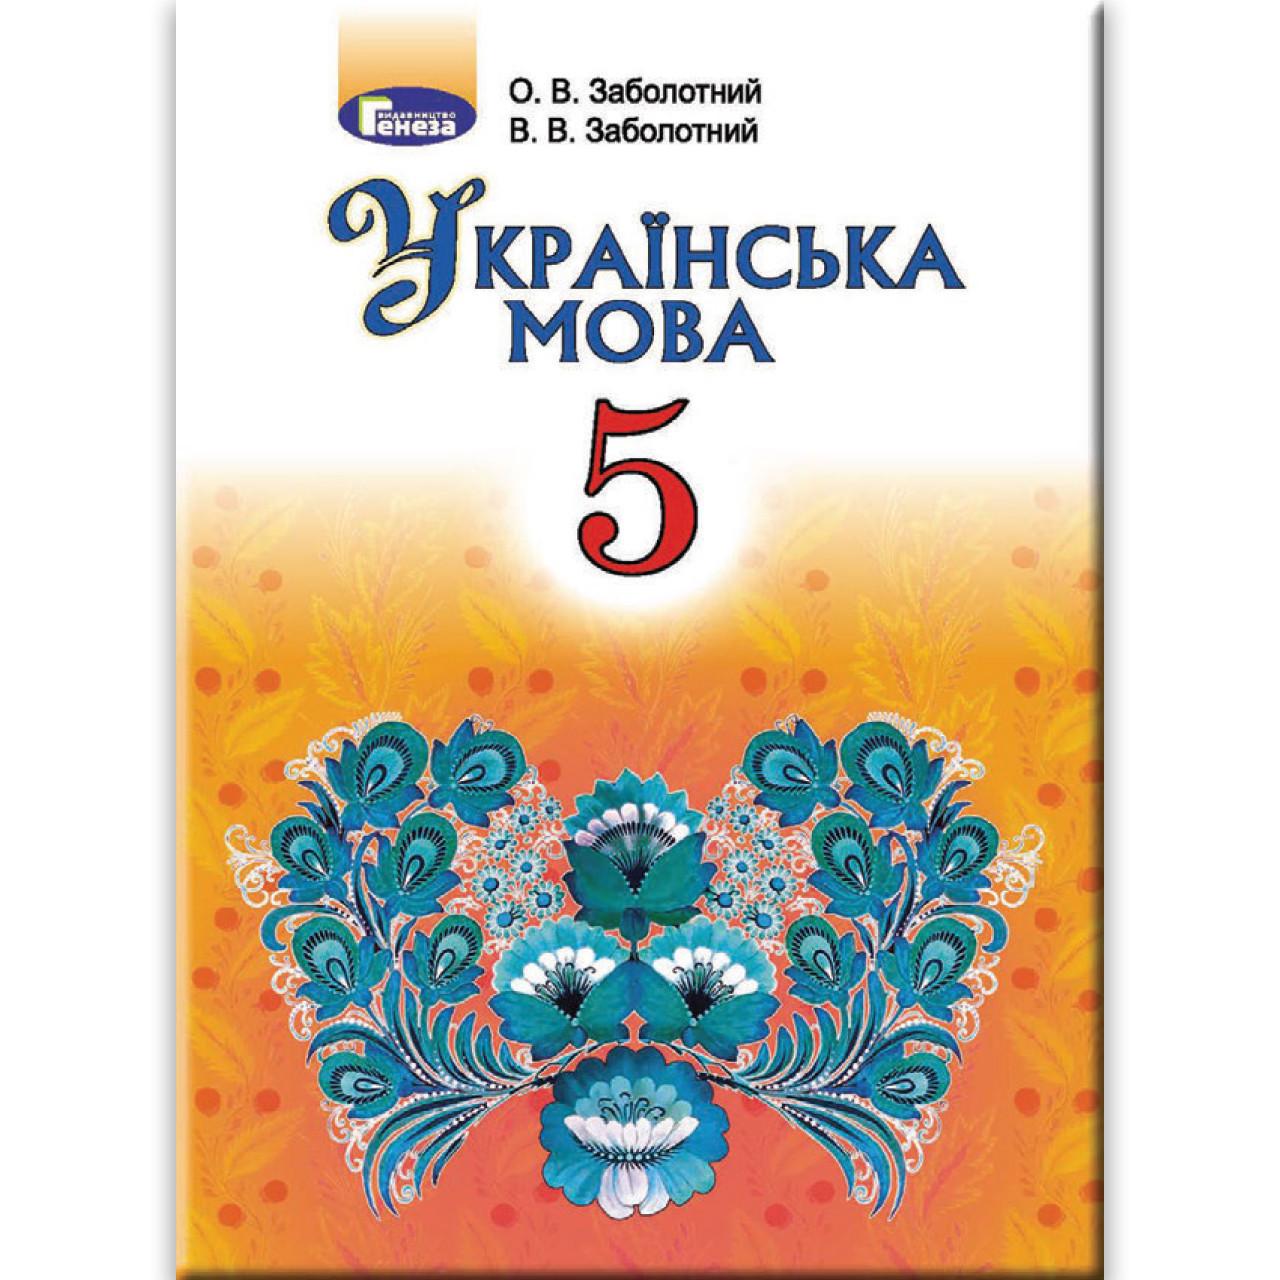 Підручник Українська мова 5 клас Авт: Заболотний О. Заболотний В. Вид: Генеза